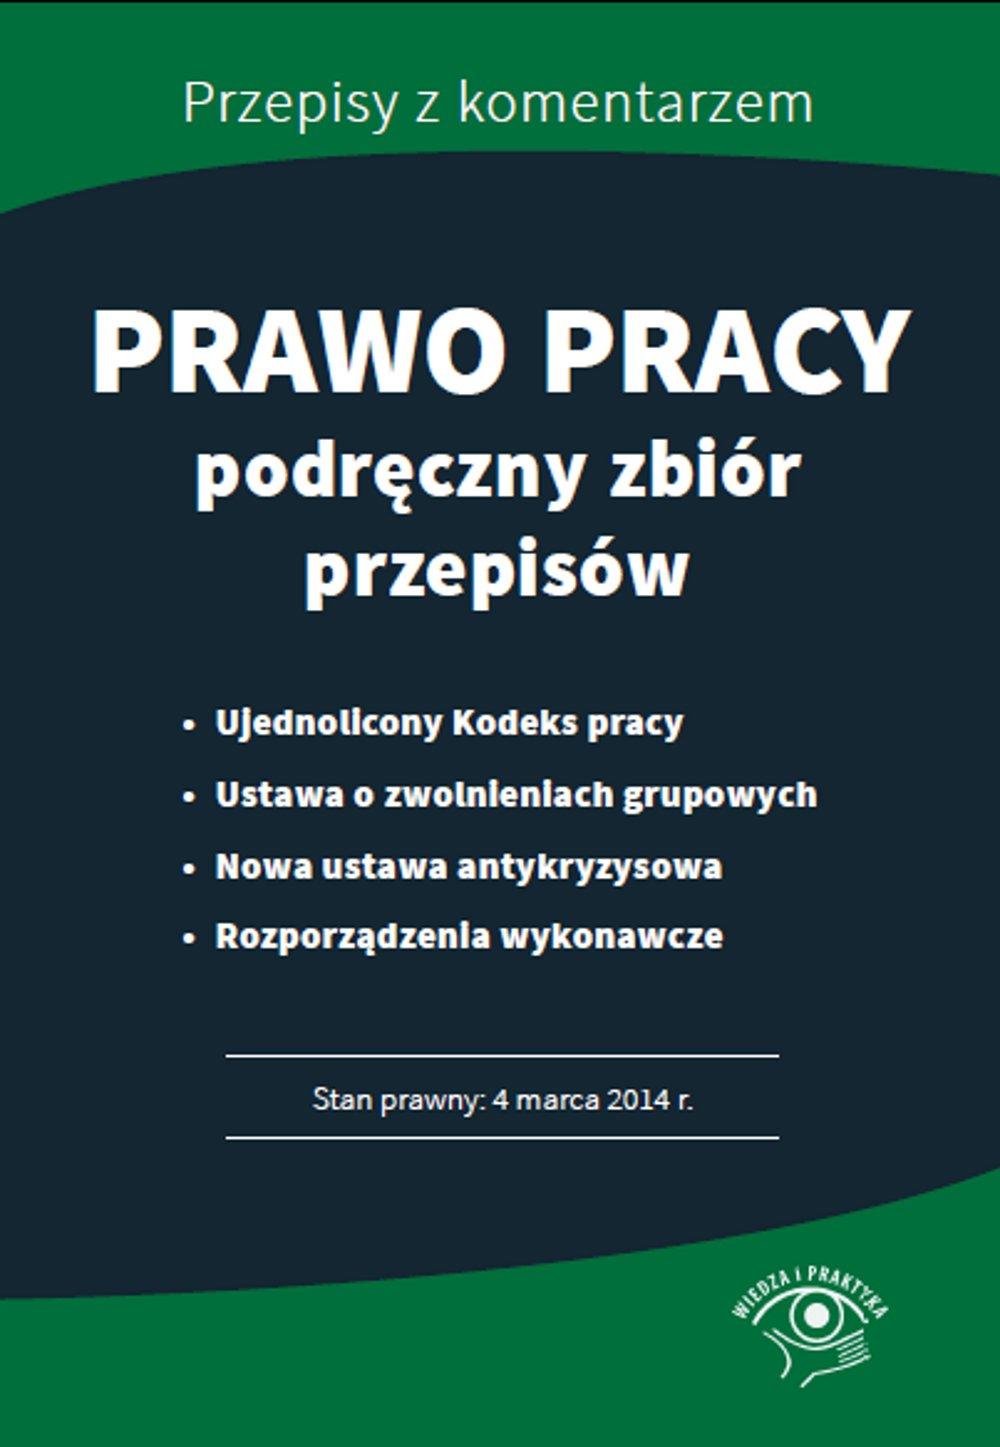 Prawo pracy - podręczny zbiór przepisów - Ebook (Książka PDF) do pobrania w formacie PDF